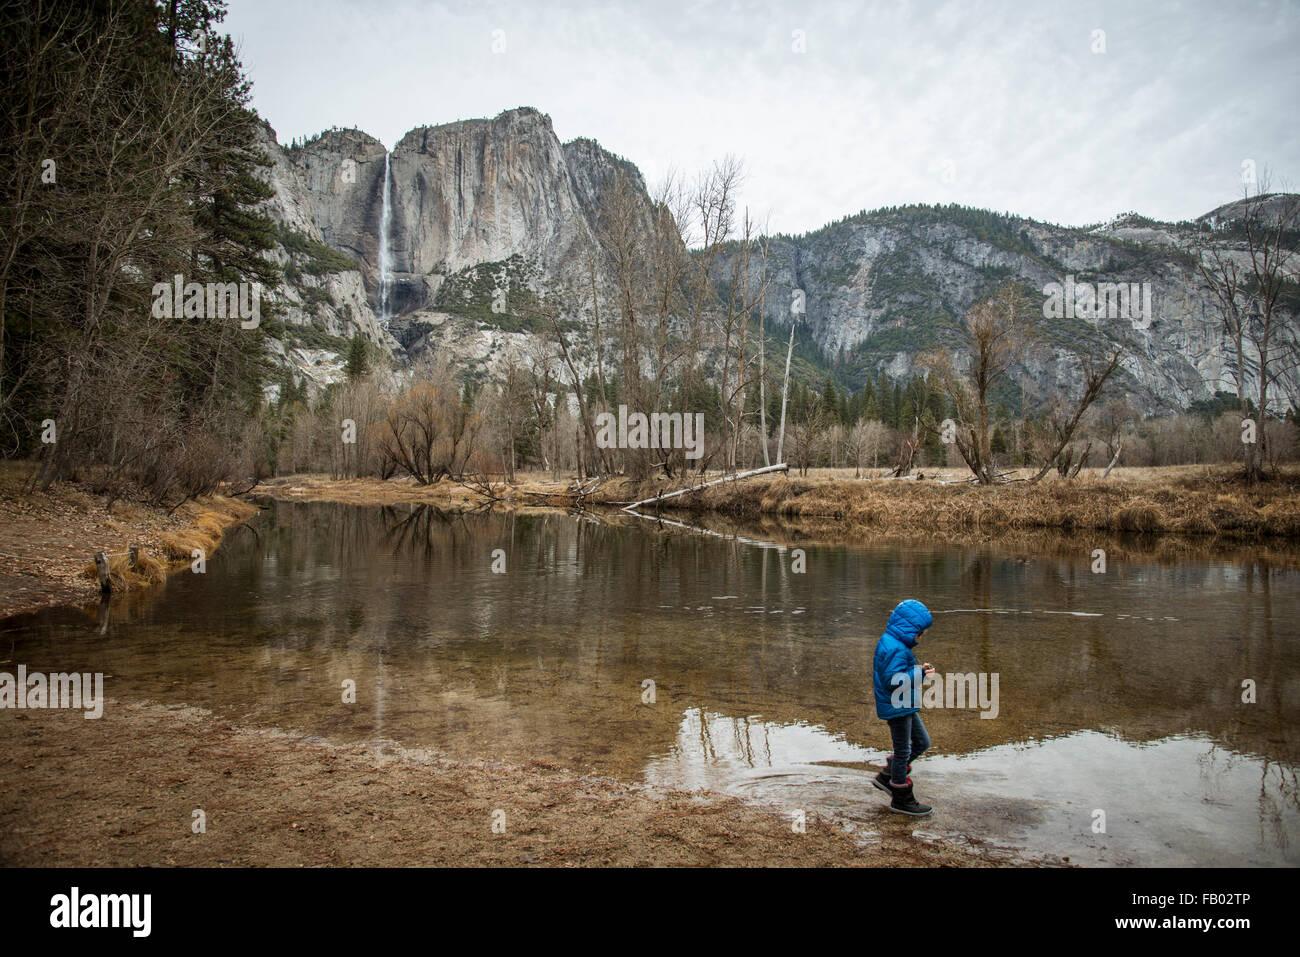 Jeune enfant balade au bord de la rivière dans la vallée Yosemite à l'automne.Le port d'un Photo Stock